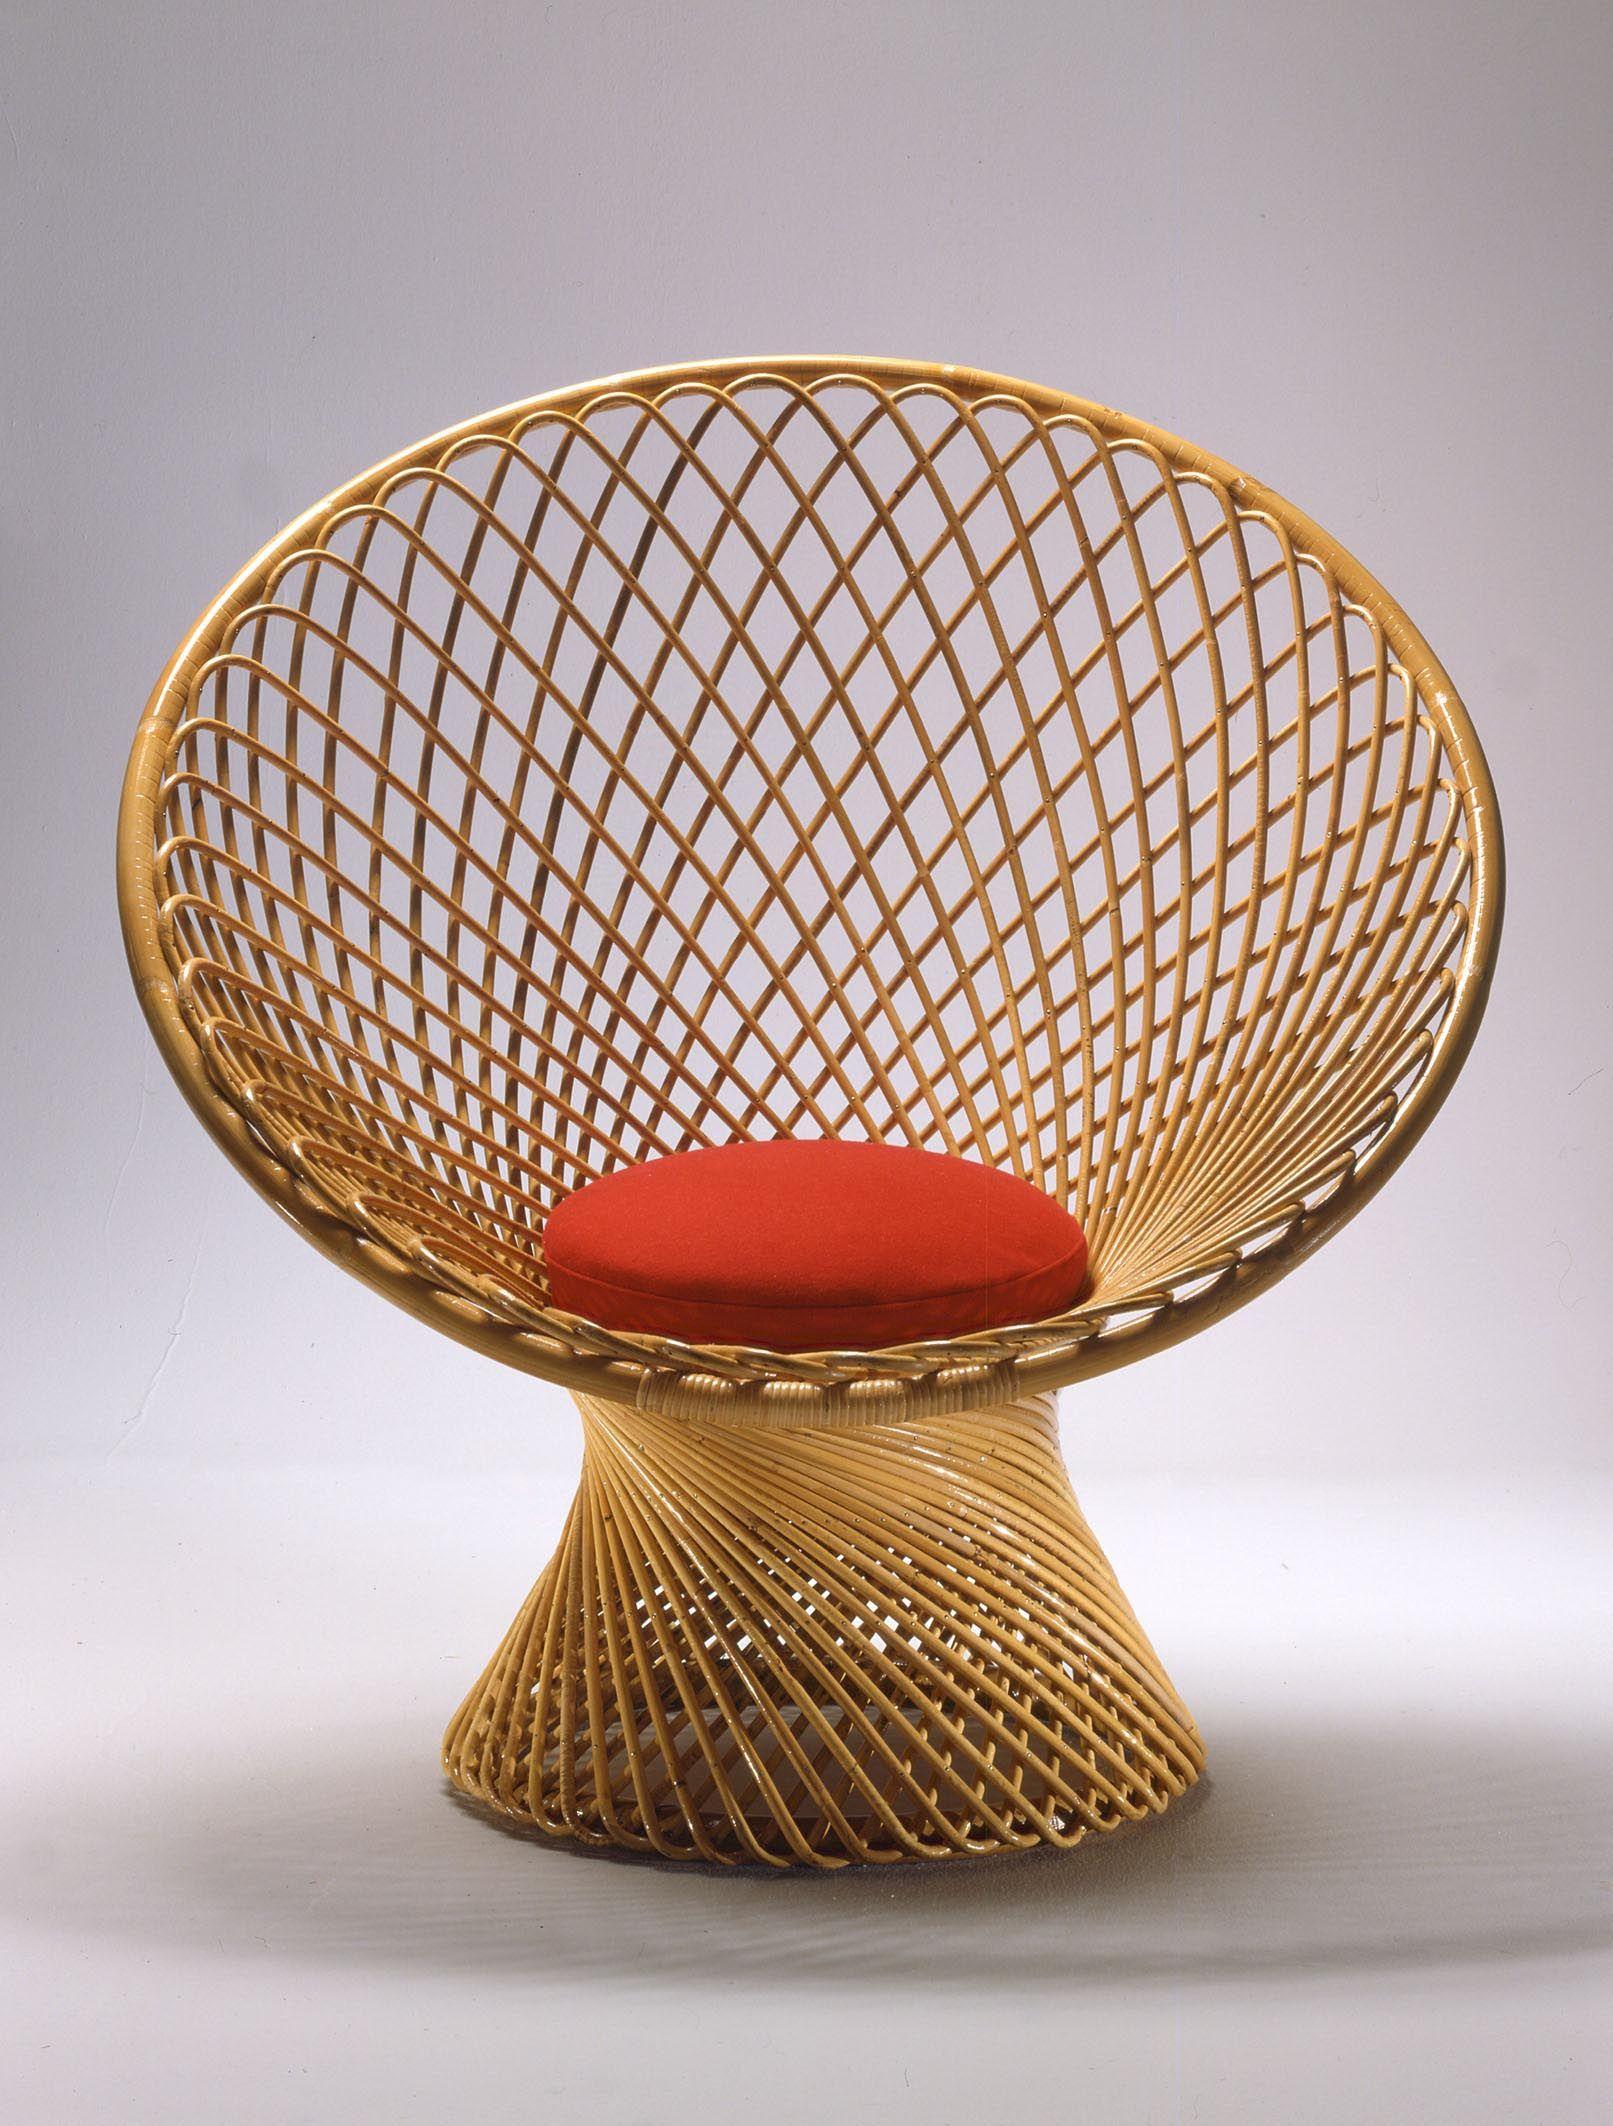 Mobili Anni 50  Living is part of Rattan garden furniture - La tendenza è riscoprire i mobili Anni 50  Ecco una selezione di riedizioni dei grandi Maestri di design del 900, per chi ama i Fifties e lo stile vintage